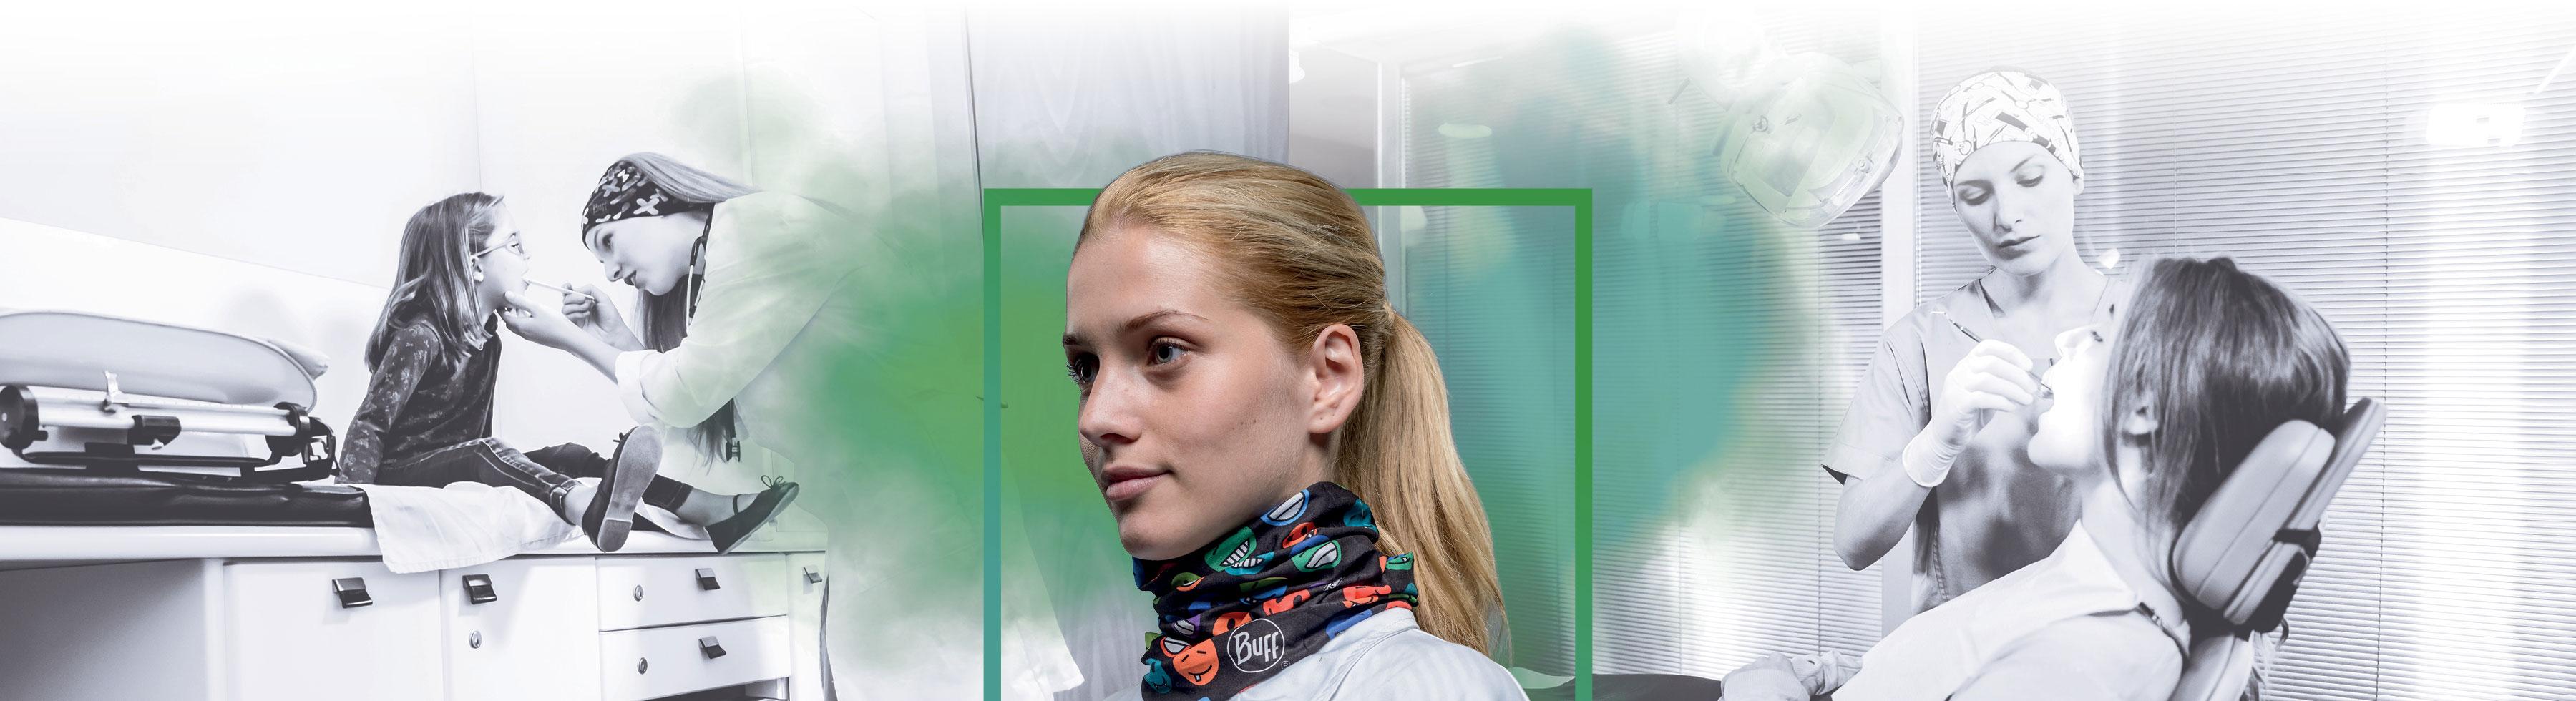 BUFF - Medical collection - Halsedisse - Halsrør - halsbeklædning til industri og professionelle